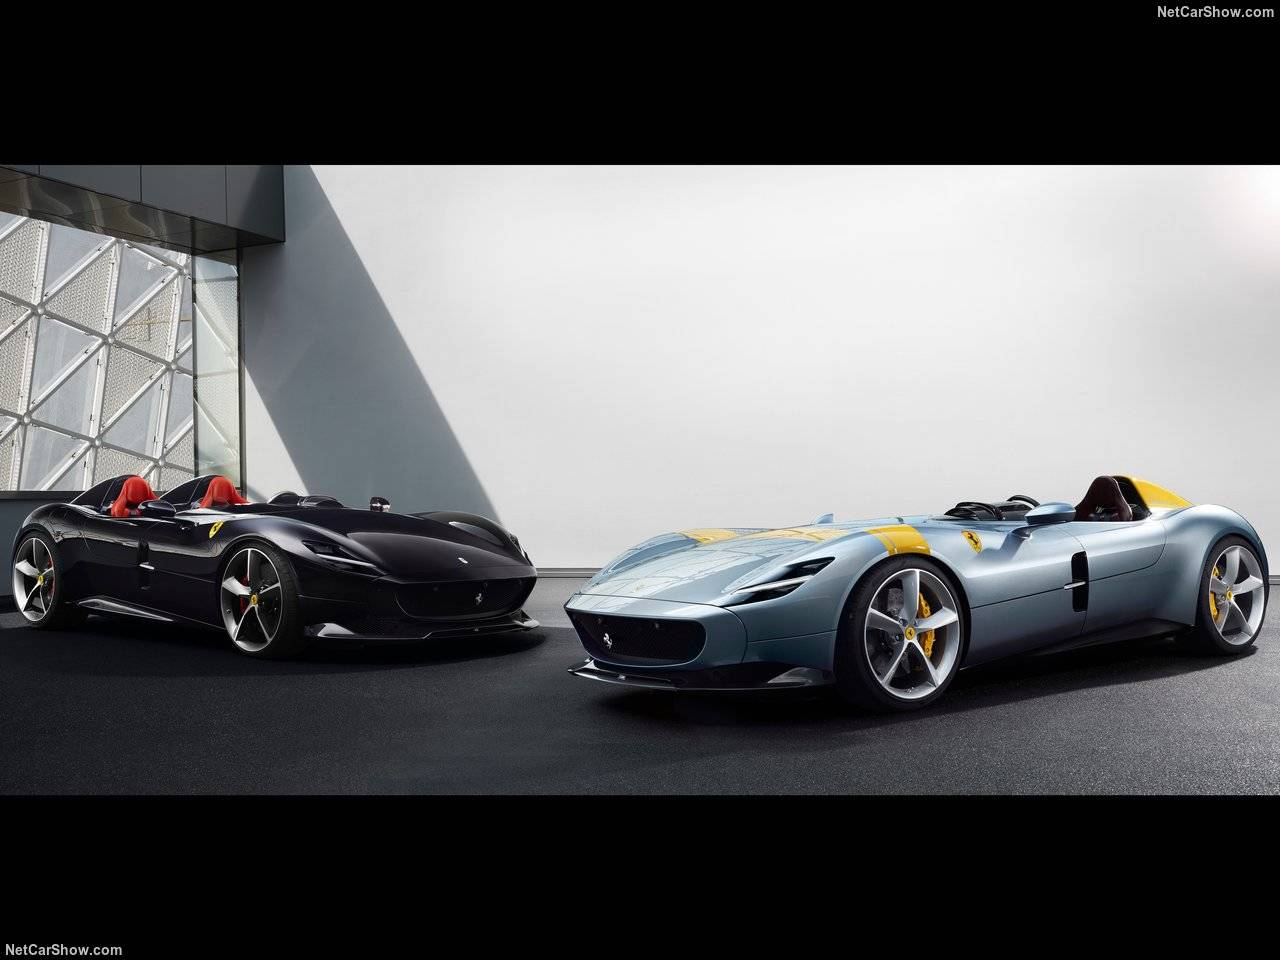 フェラーリからMonza SP1&SP2発表、ワンシートモデルと2シートモデルが一挙にラインアップ!!!